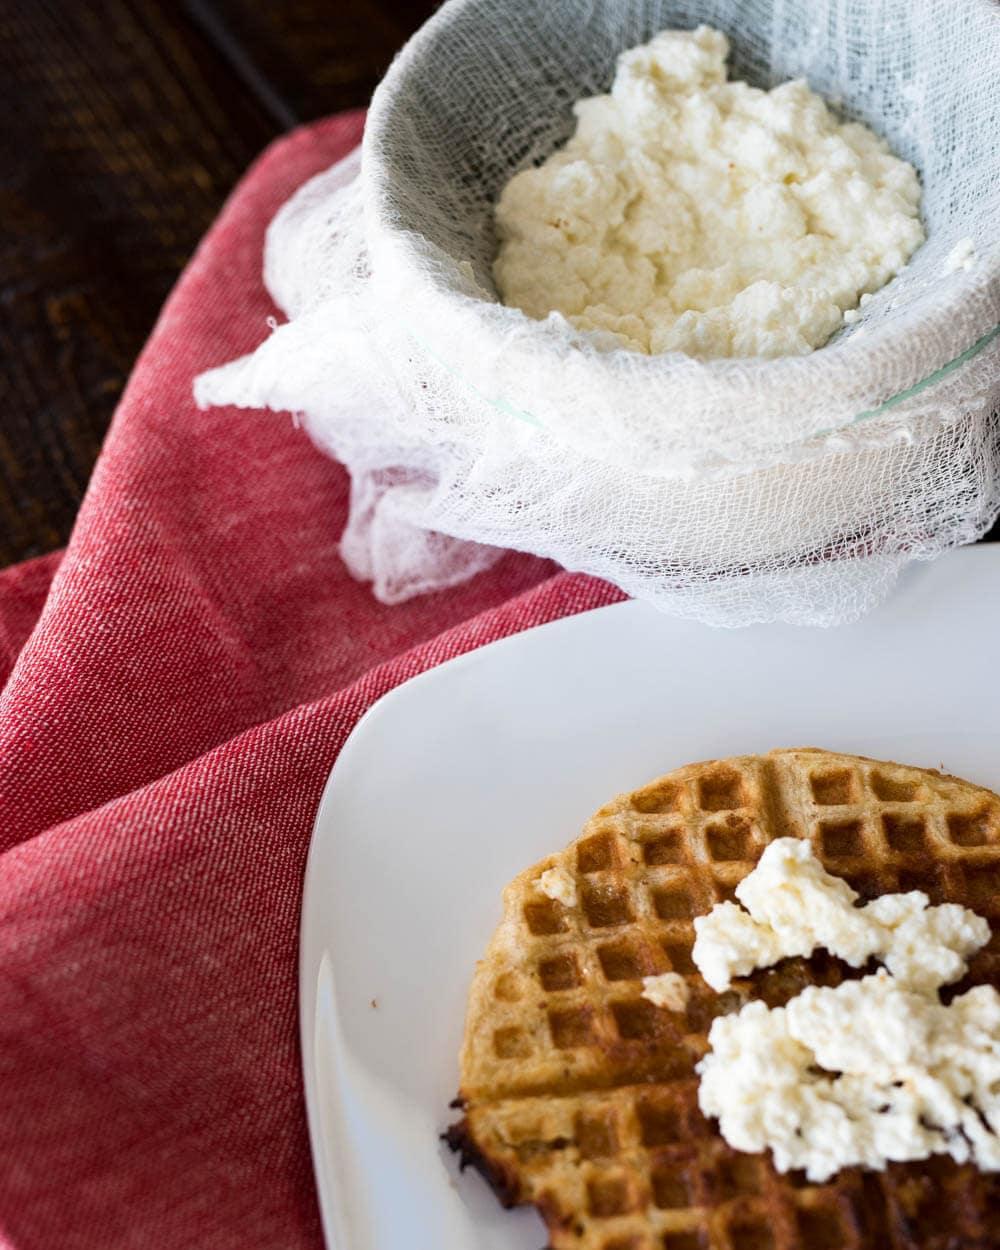 Homemade ricotta and sourdough waffles